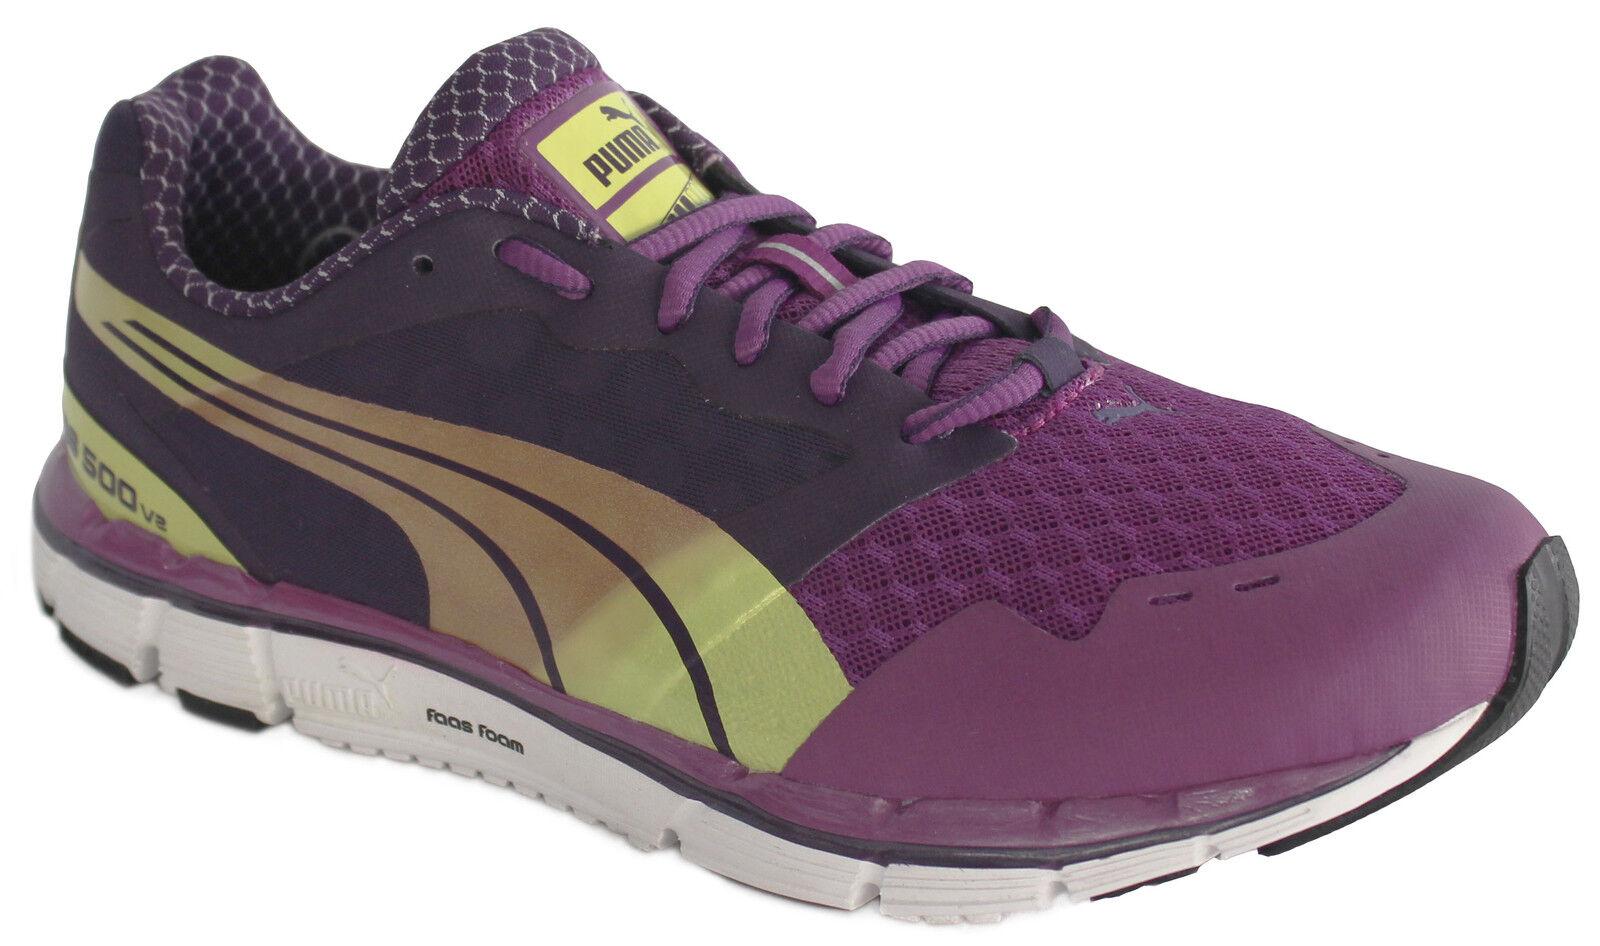 Puma Faas 500 V2 Mujer Chica Zapatillas para Running con Malla y Cordones 186489